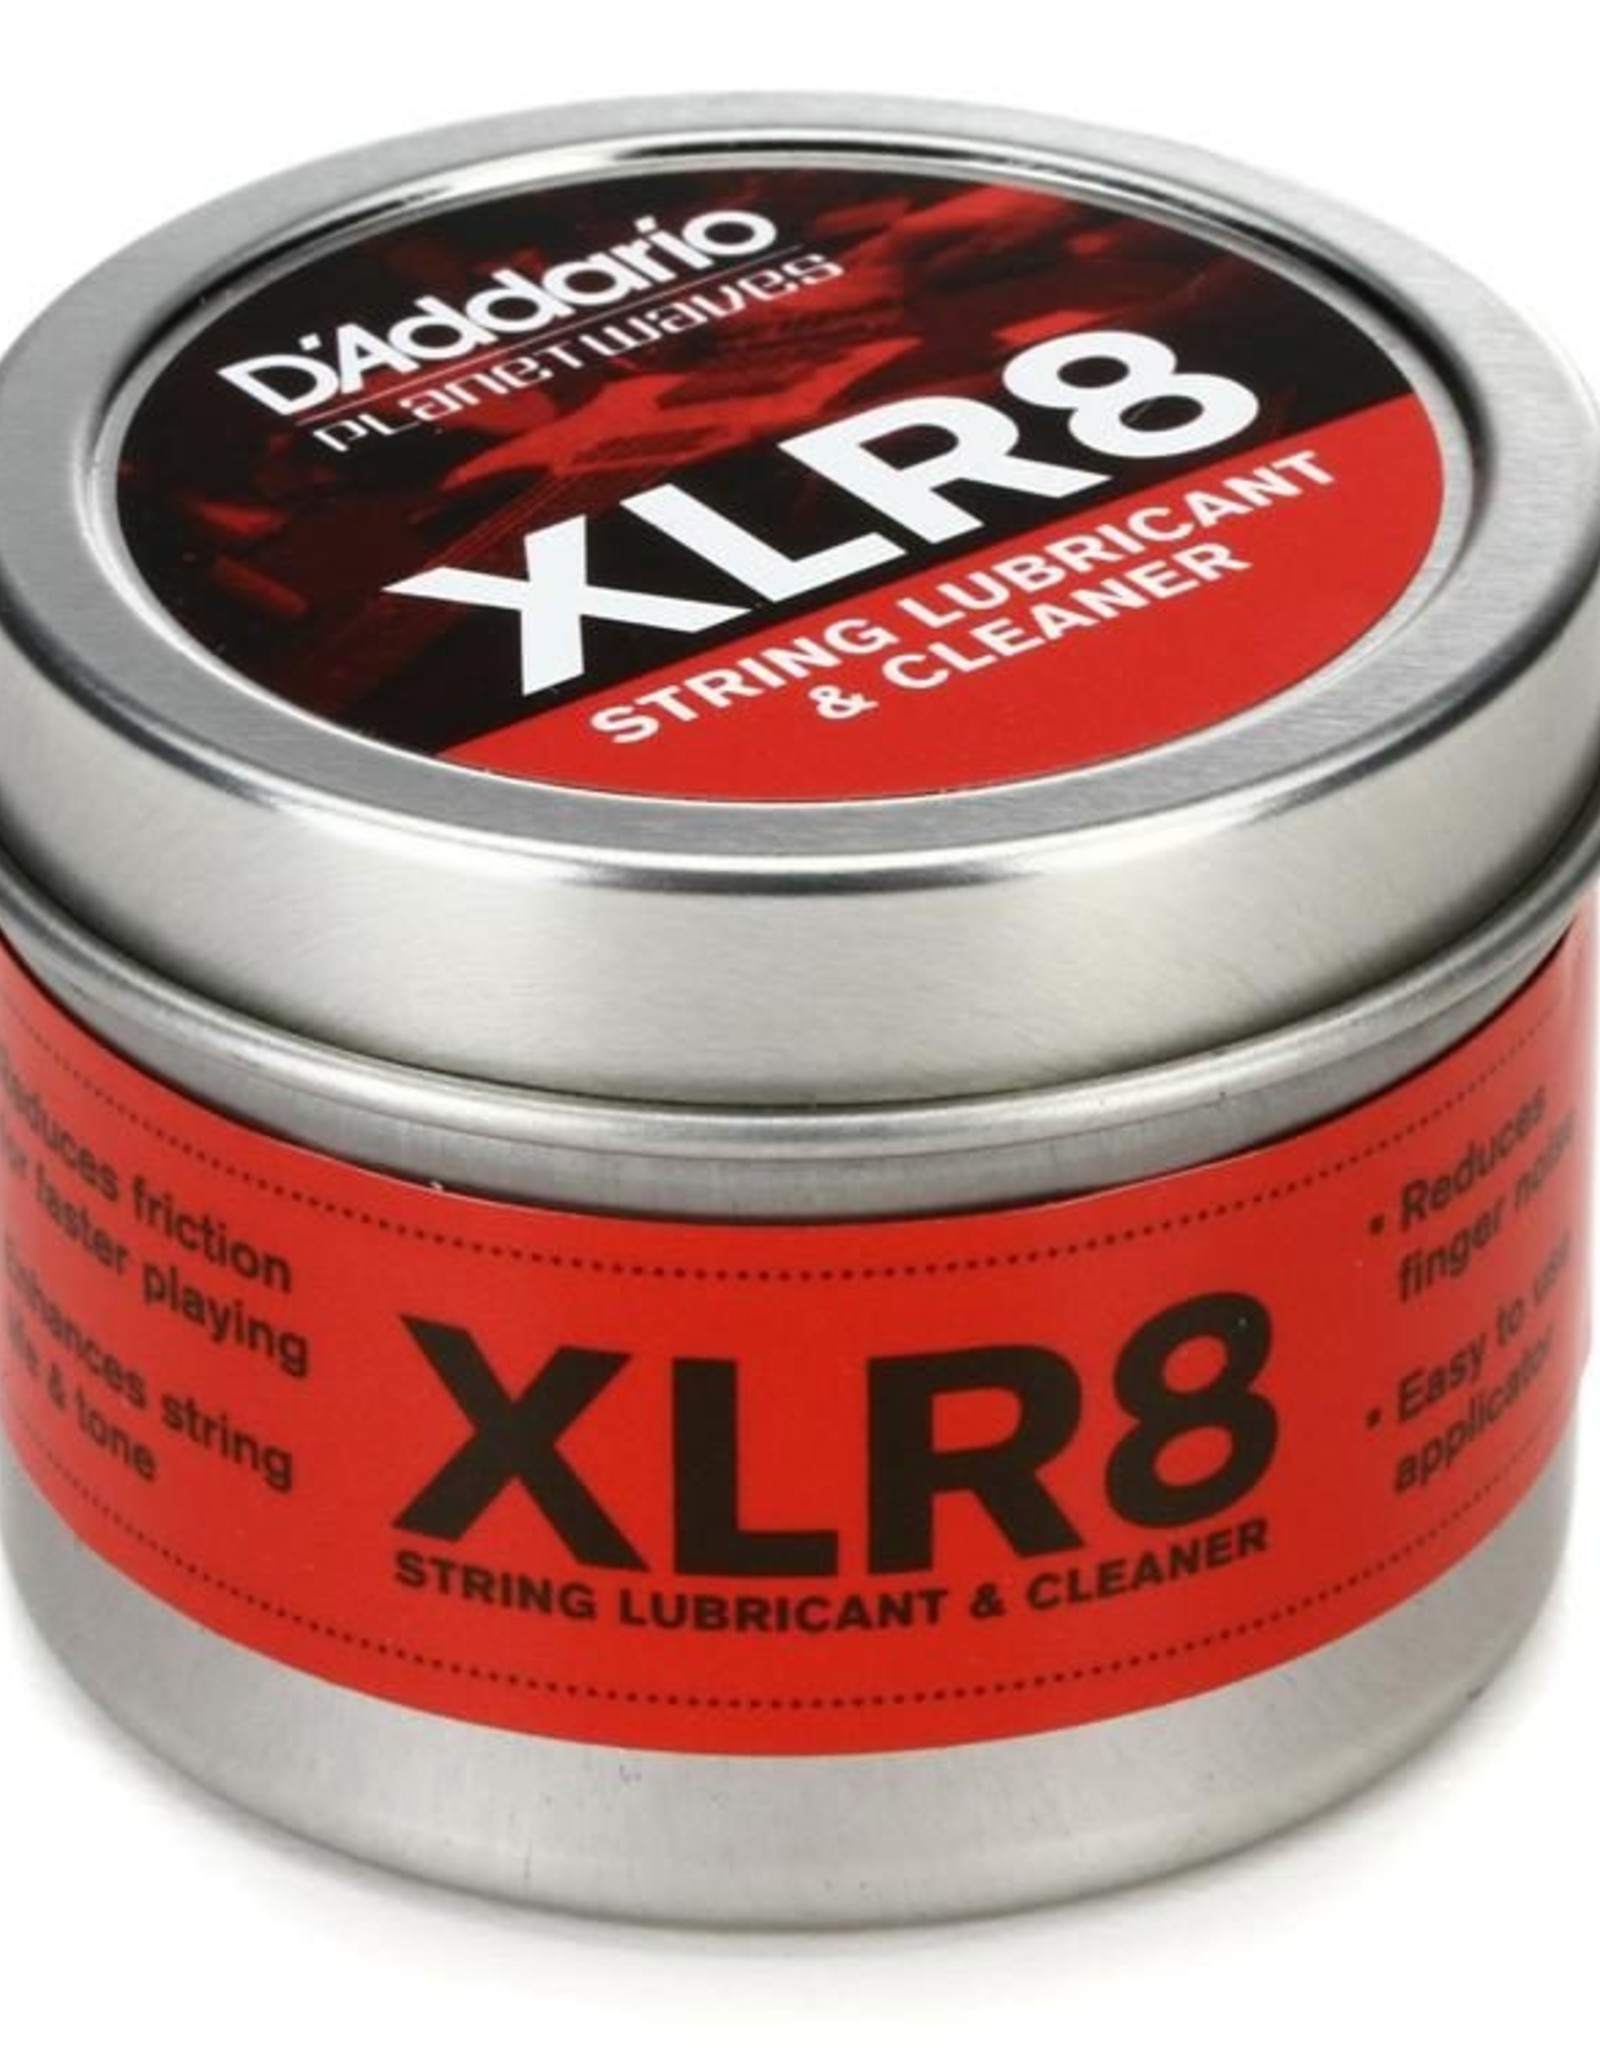 D'Addario D'ADDARIO XLR8 STRING LUBRICANT/CLEANER